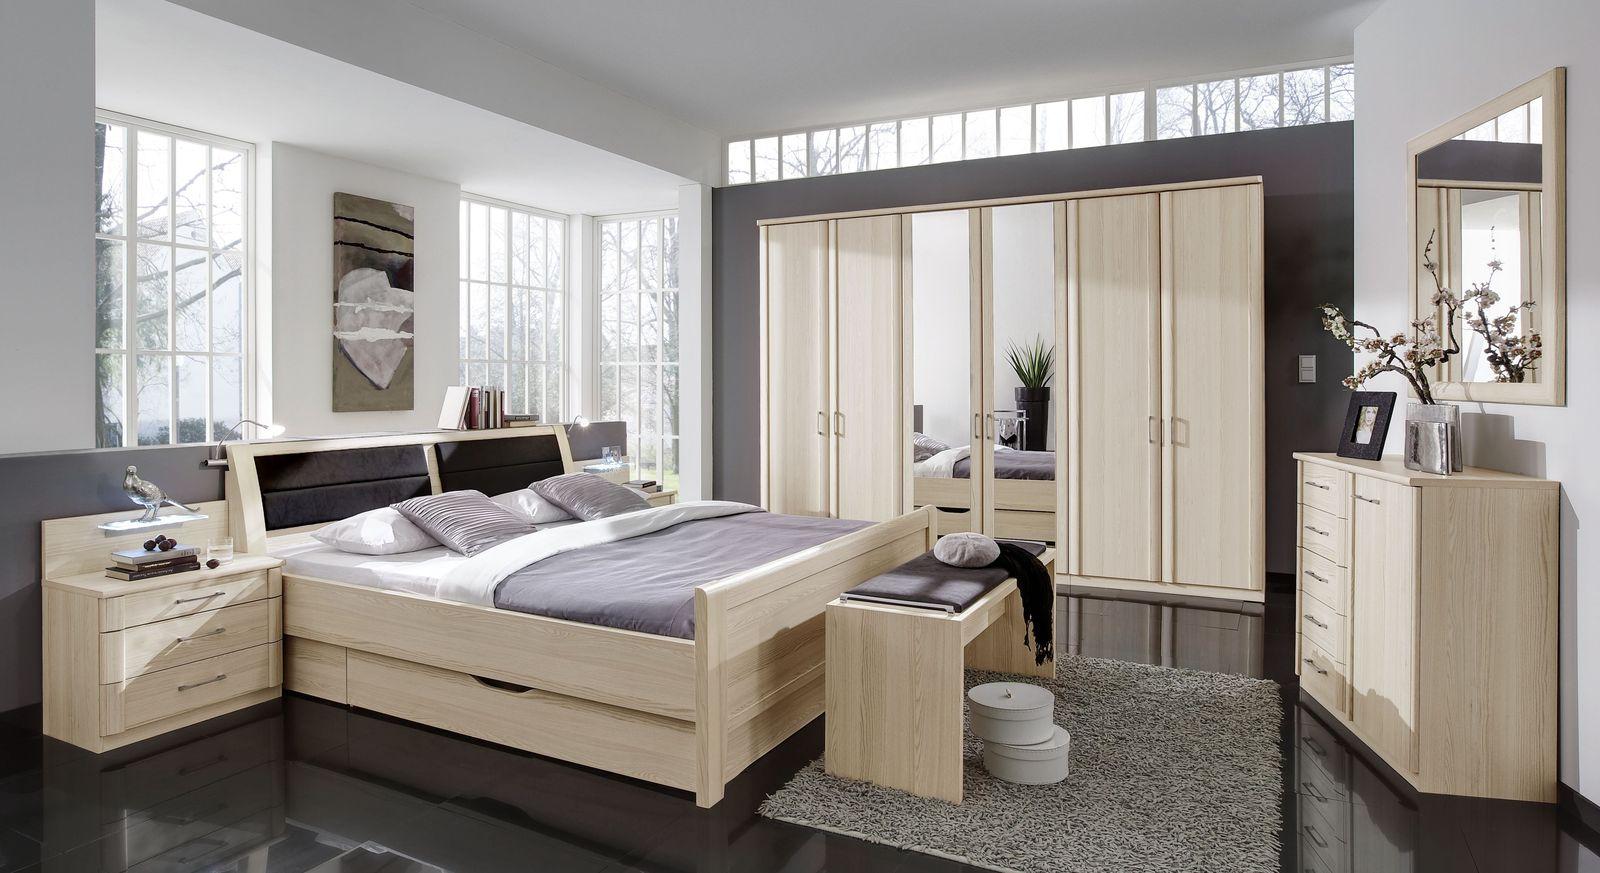 Preiswertes Komplett-Zimmer Rapino mit Komfort-Schubkasten-Bett